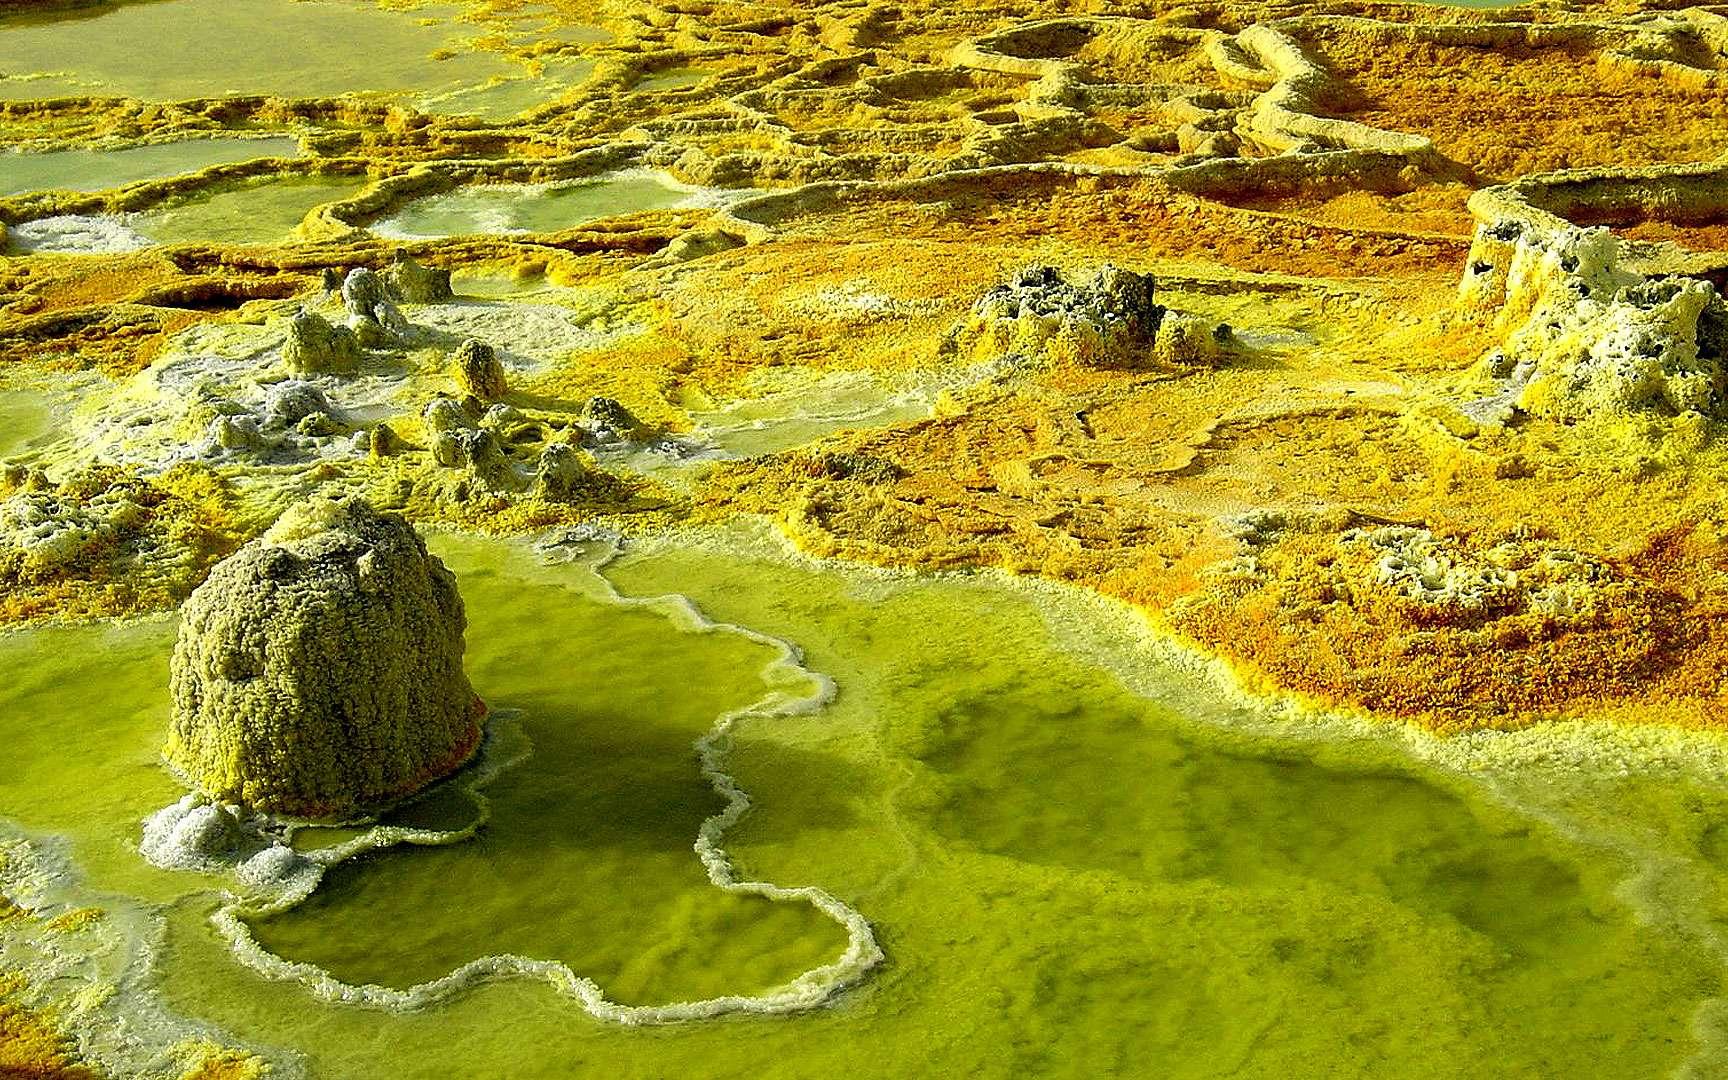 Source près du volcan Dallol, en Éthiopie. Source thermo-minérale près du volcan Dallol, en Éthiopie. © J.-M. Bardintzeff, reproduction et utilisation interdites